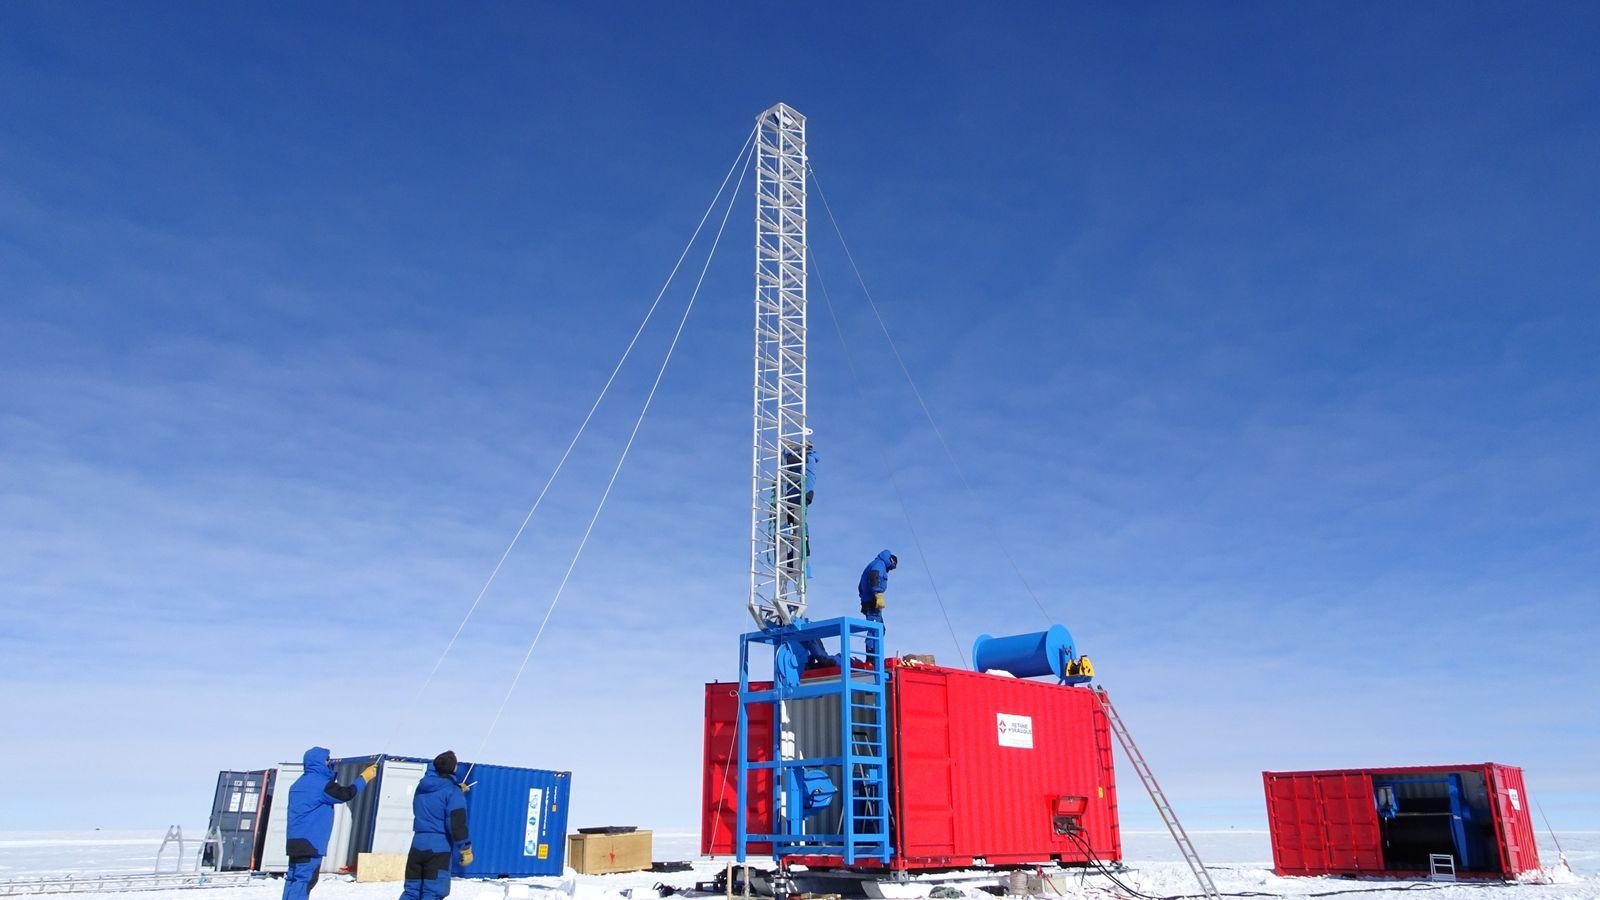 Installation de surface pour la manipulation de la sonde Subglacior sur la base antarctique Concordia. Au ...